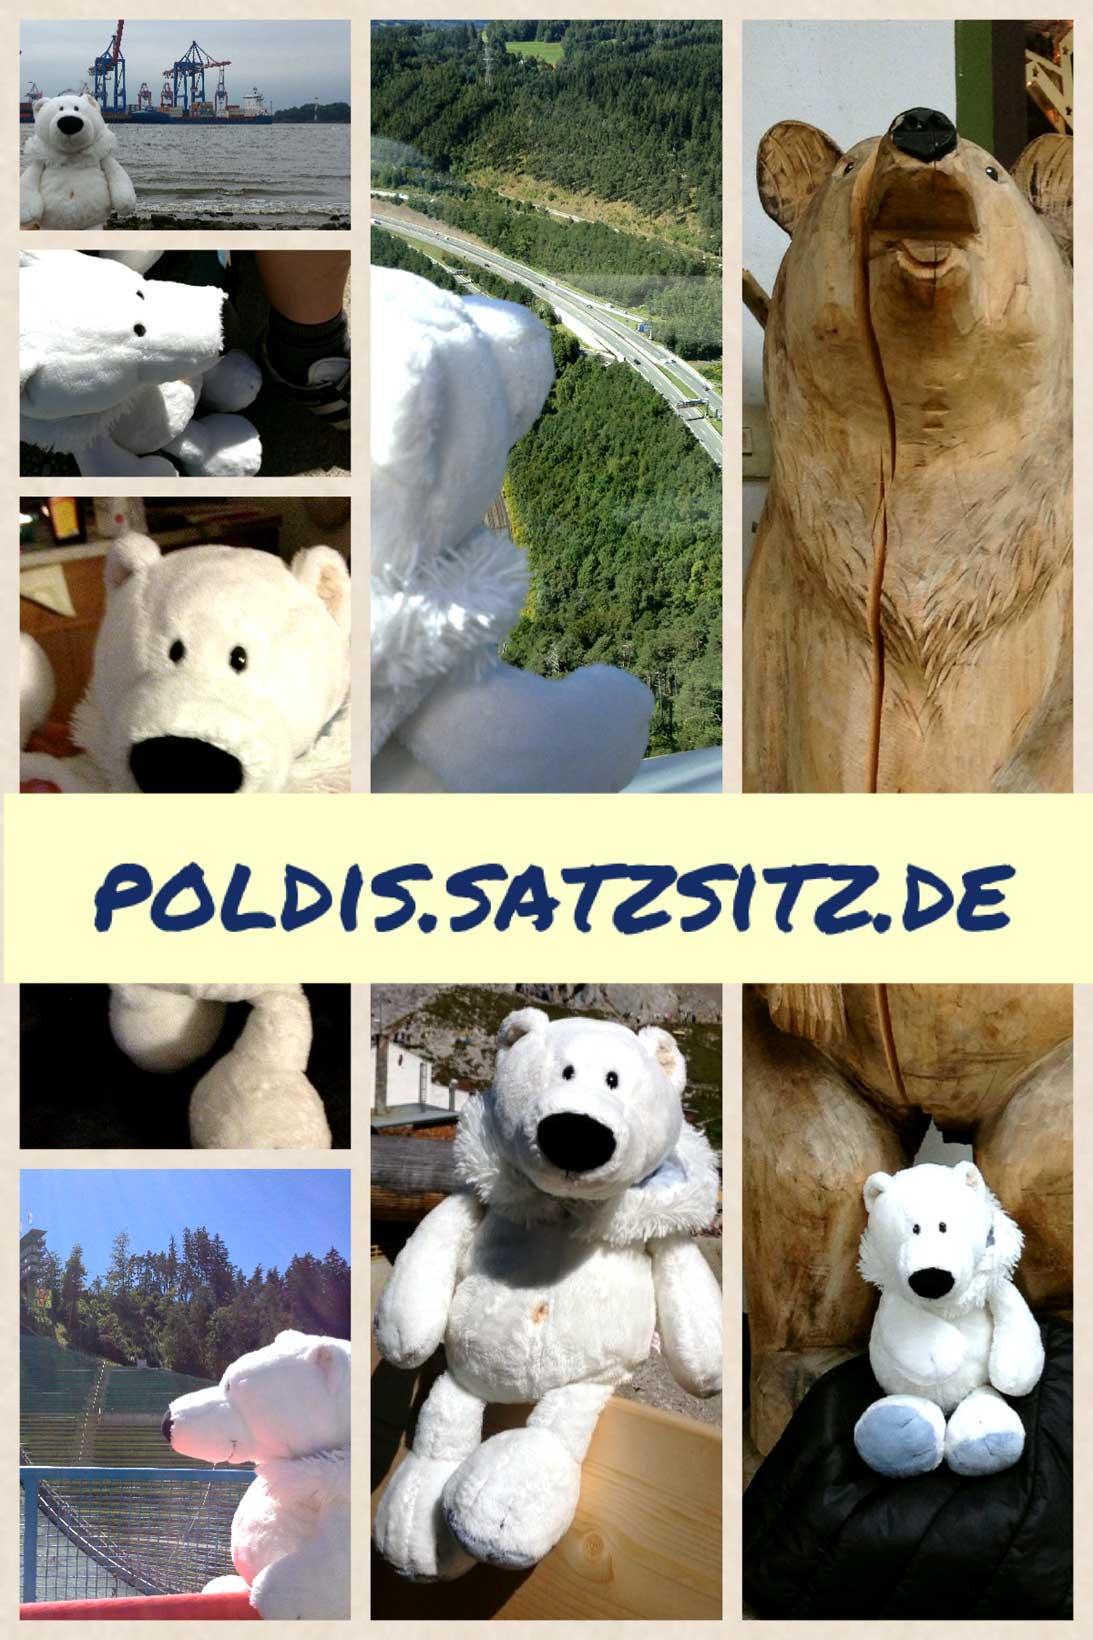 Bildercollage von Poldis verschiedenen Urlaubsetappen.